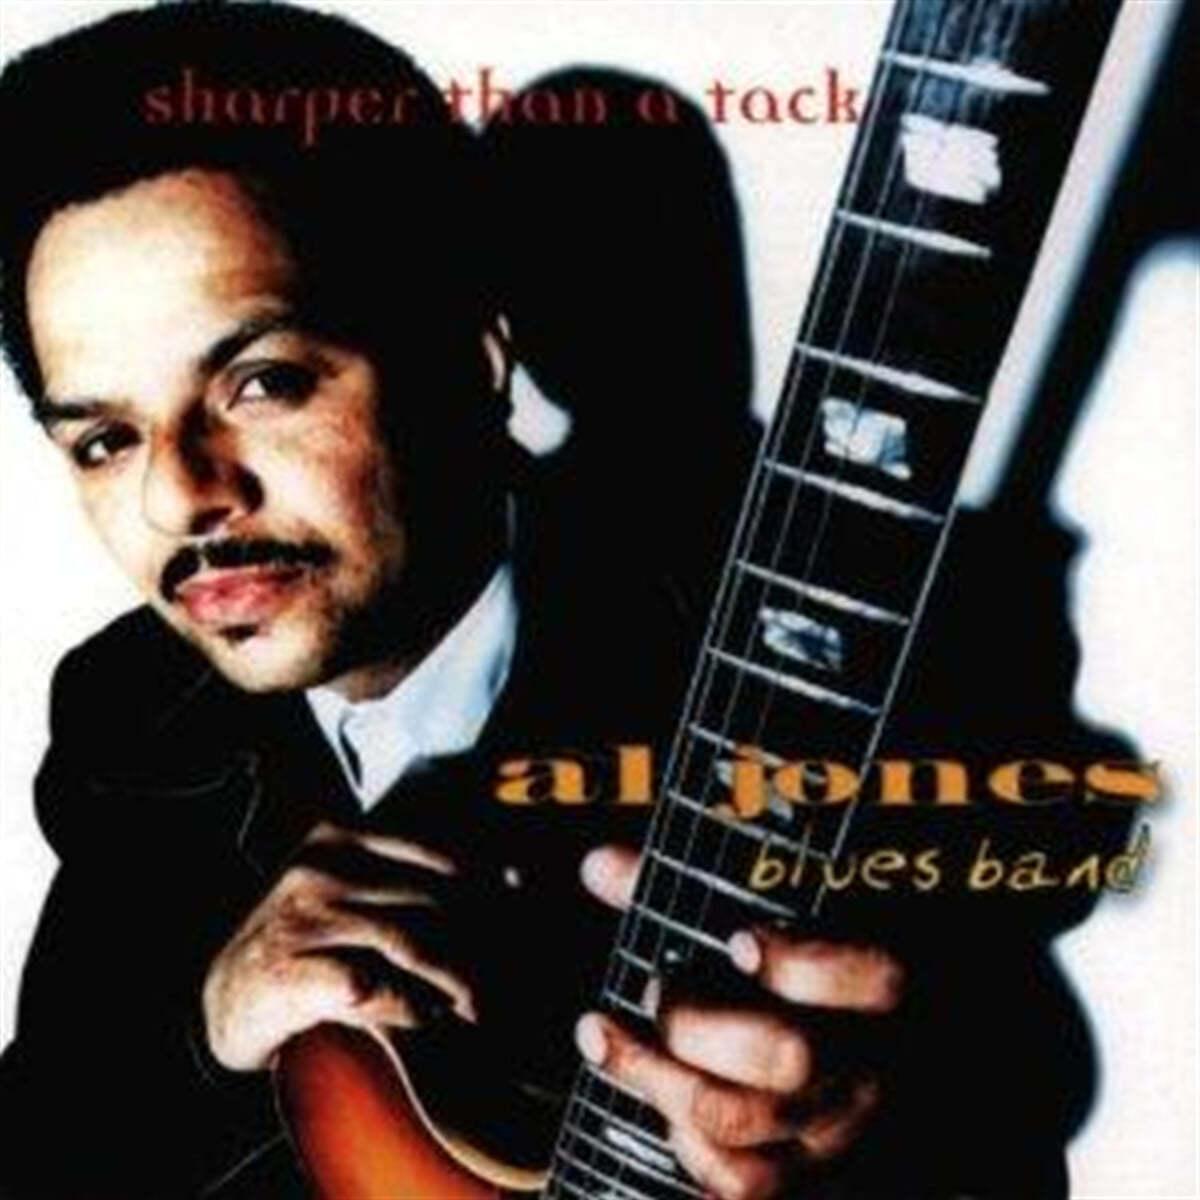 Al Jones Blues Band (알 존스 블루스 밴드) - Sharper Than A Tack